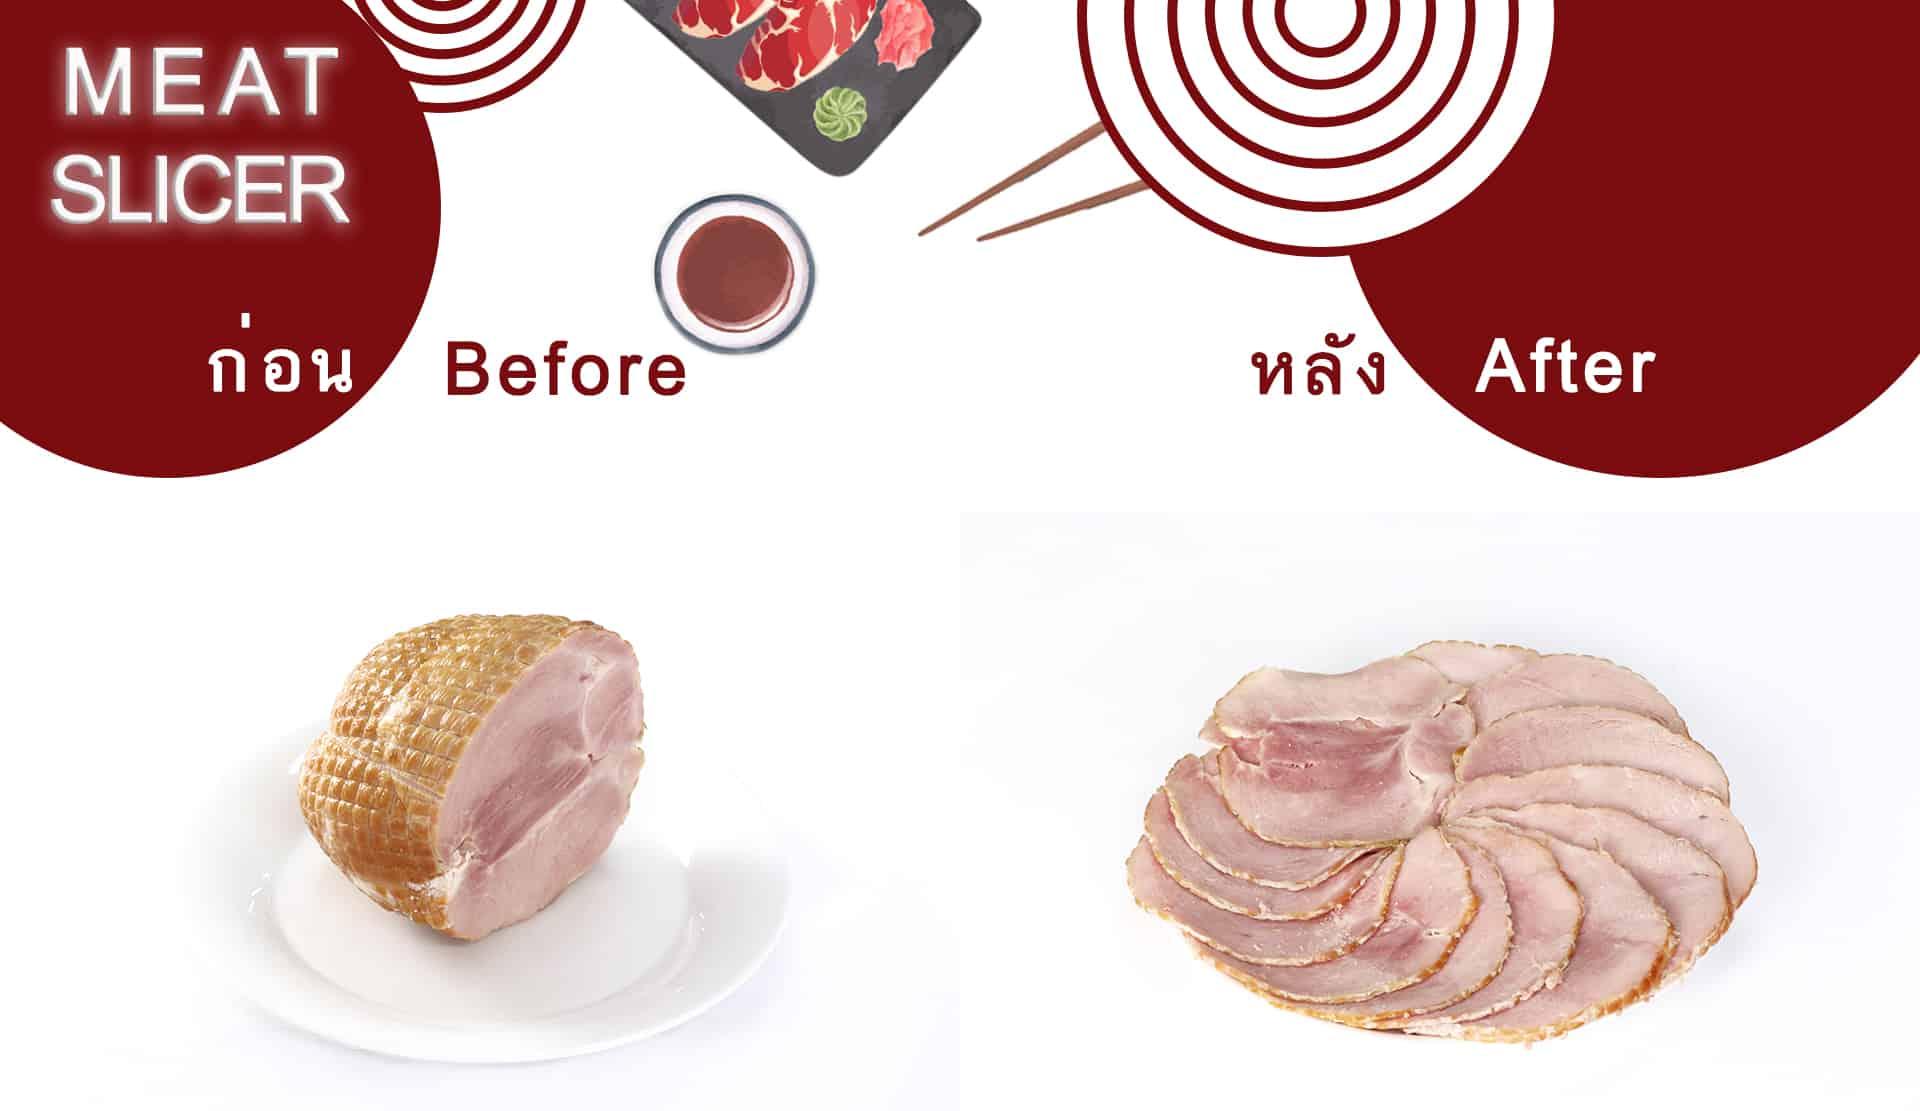 เครื่องสไลด์เนื้อ-เครื่องสไลด์หมู-MS06-Meat-slicer-before-after